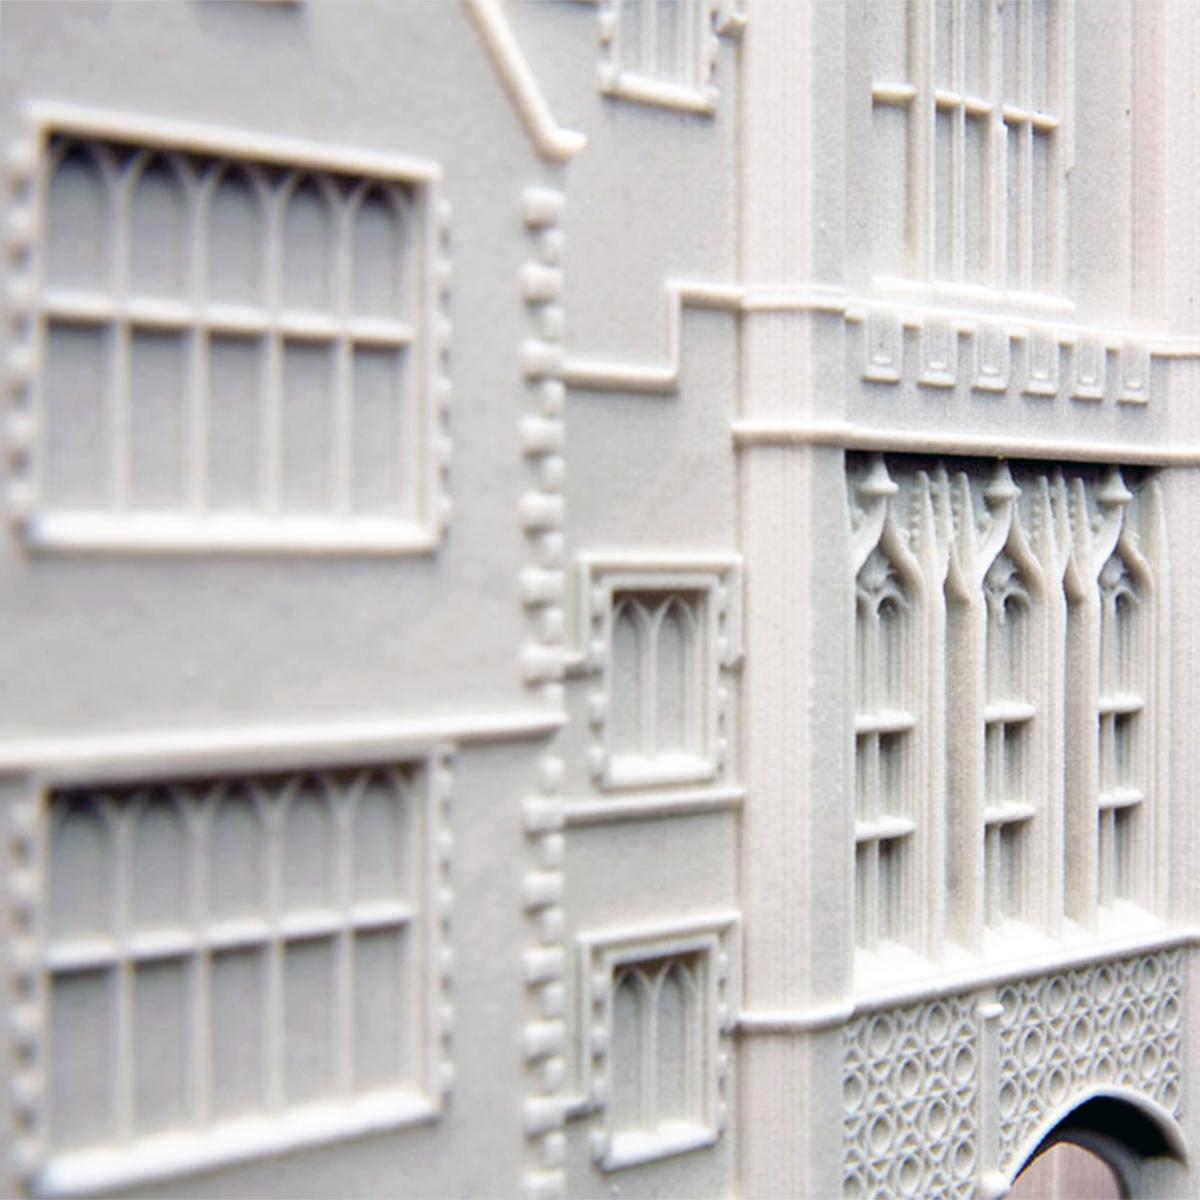 CJP Powder 3D Printed Model Facade